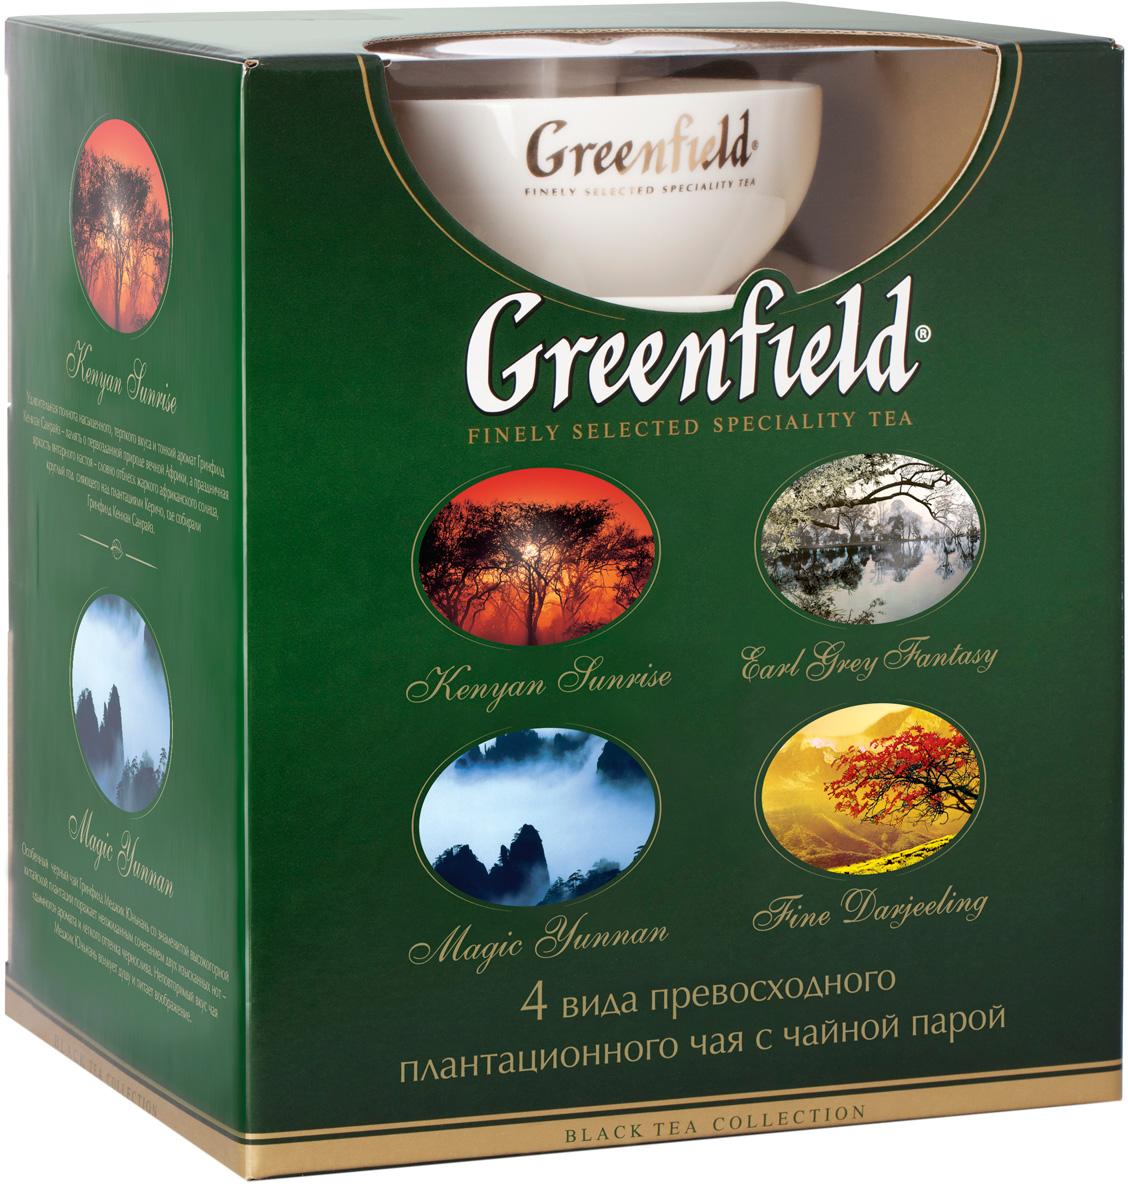 Greenfield Подарочный набор чая в пакетиках, 4 вида по 25 шт + чайная пара greenfield fine darjeeling черный листовой чай 100 г